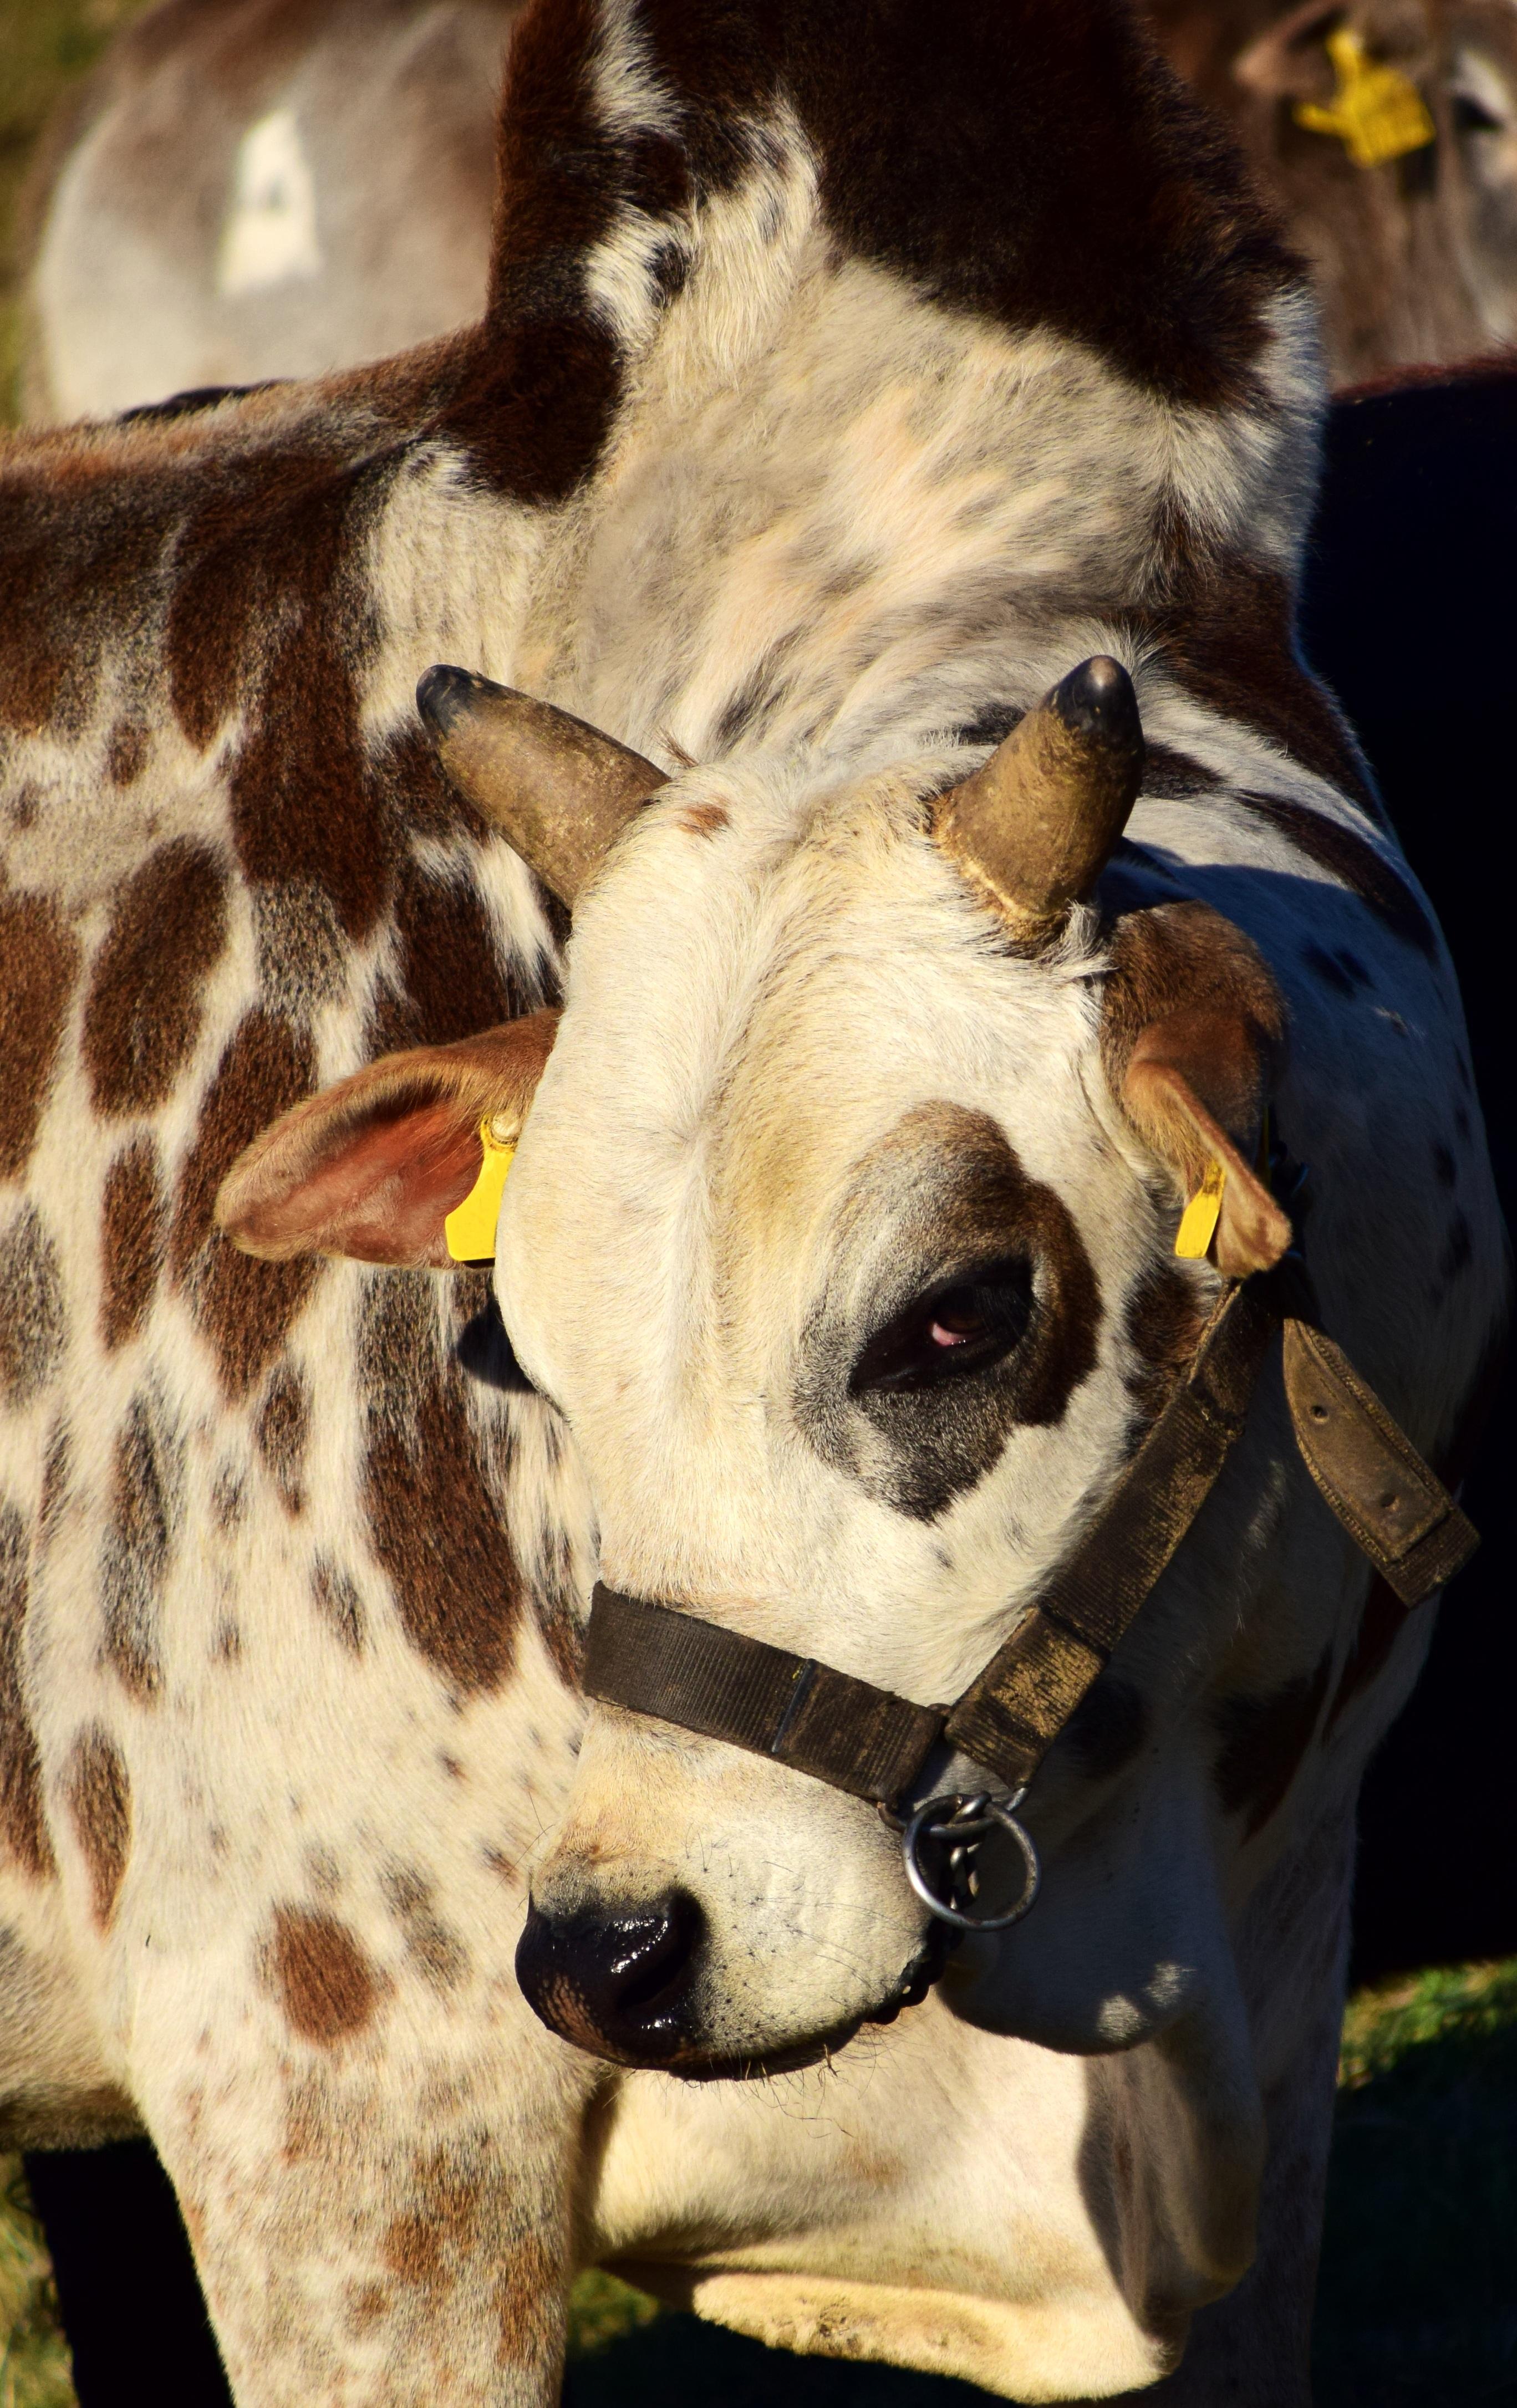 8400 Gambar Montase Hewan Ternak Terbaik